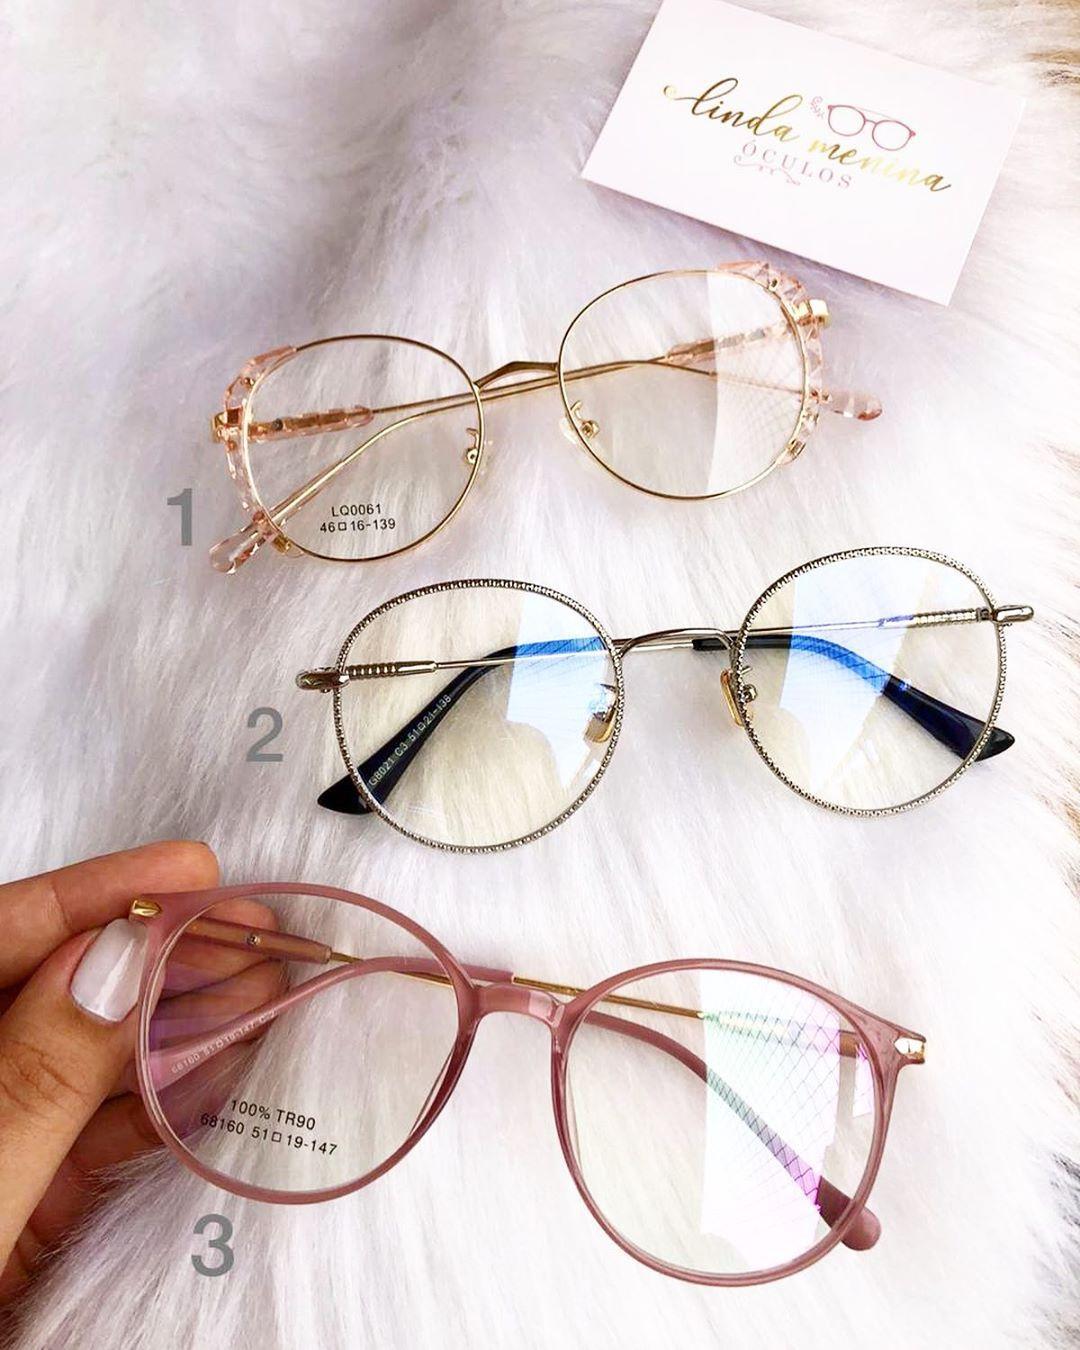 Pin De Erica Muniz Em Must Have Haha Em 2020 Armacao De Oculos